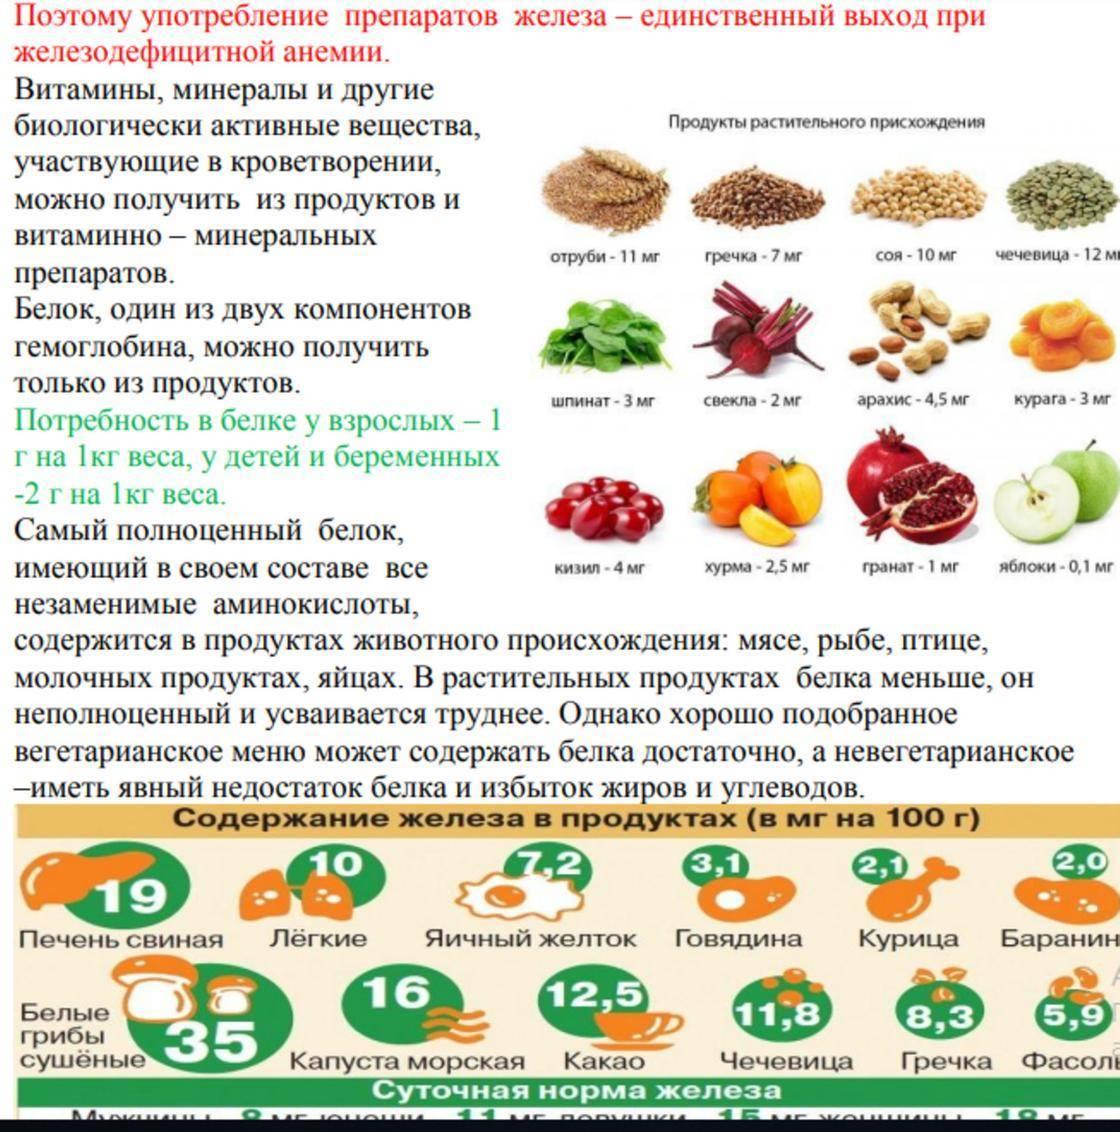 Какие орехи полезны при гемоглобине